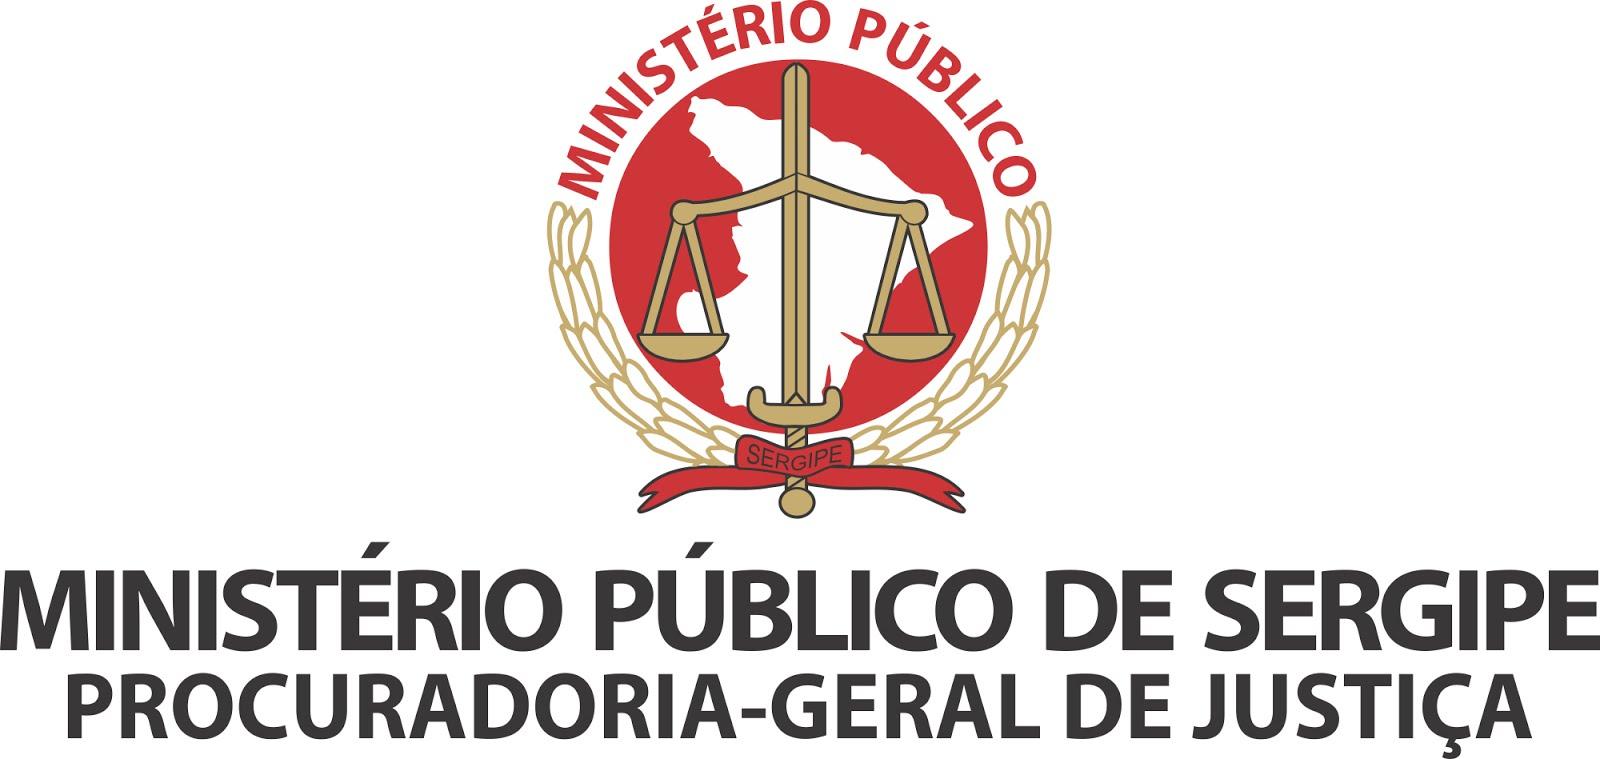 Ministério Público de Sergipe